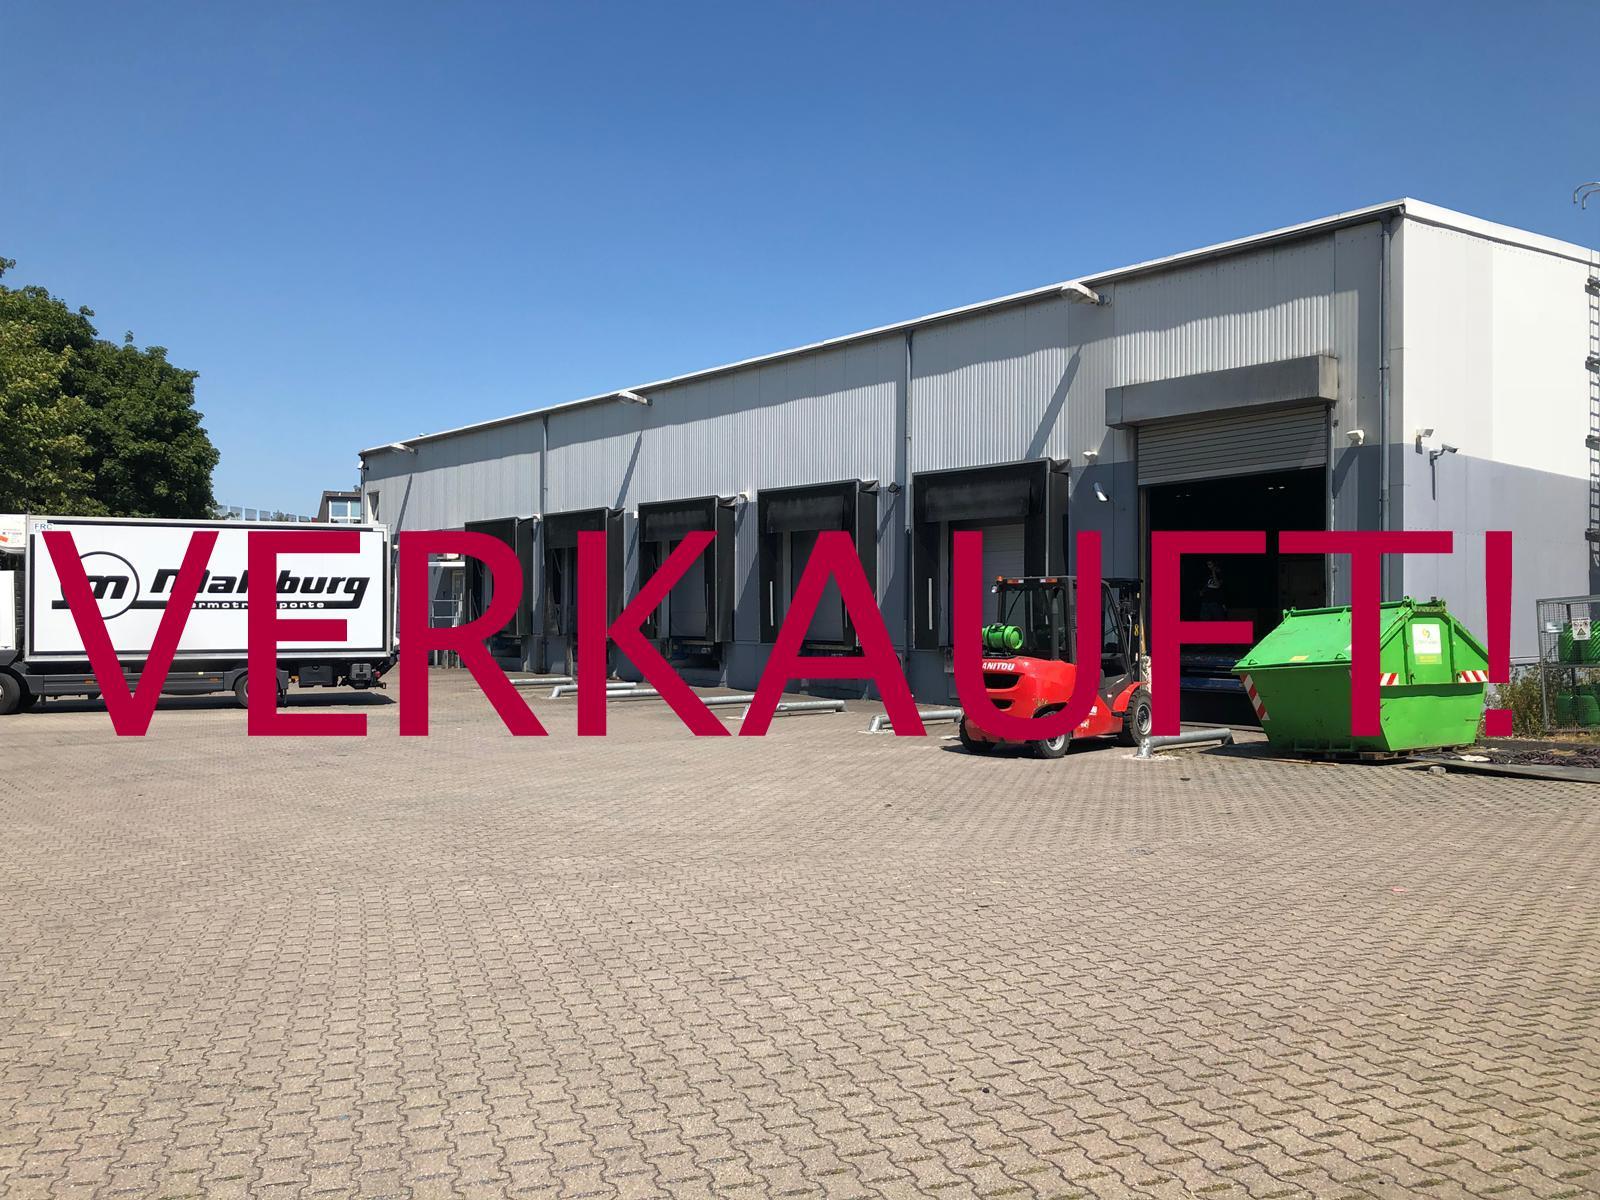 VERKAUFT! Düsseldorf-Flughafen großes Grundstück mit Gewerbeeinheiten